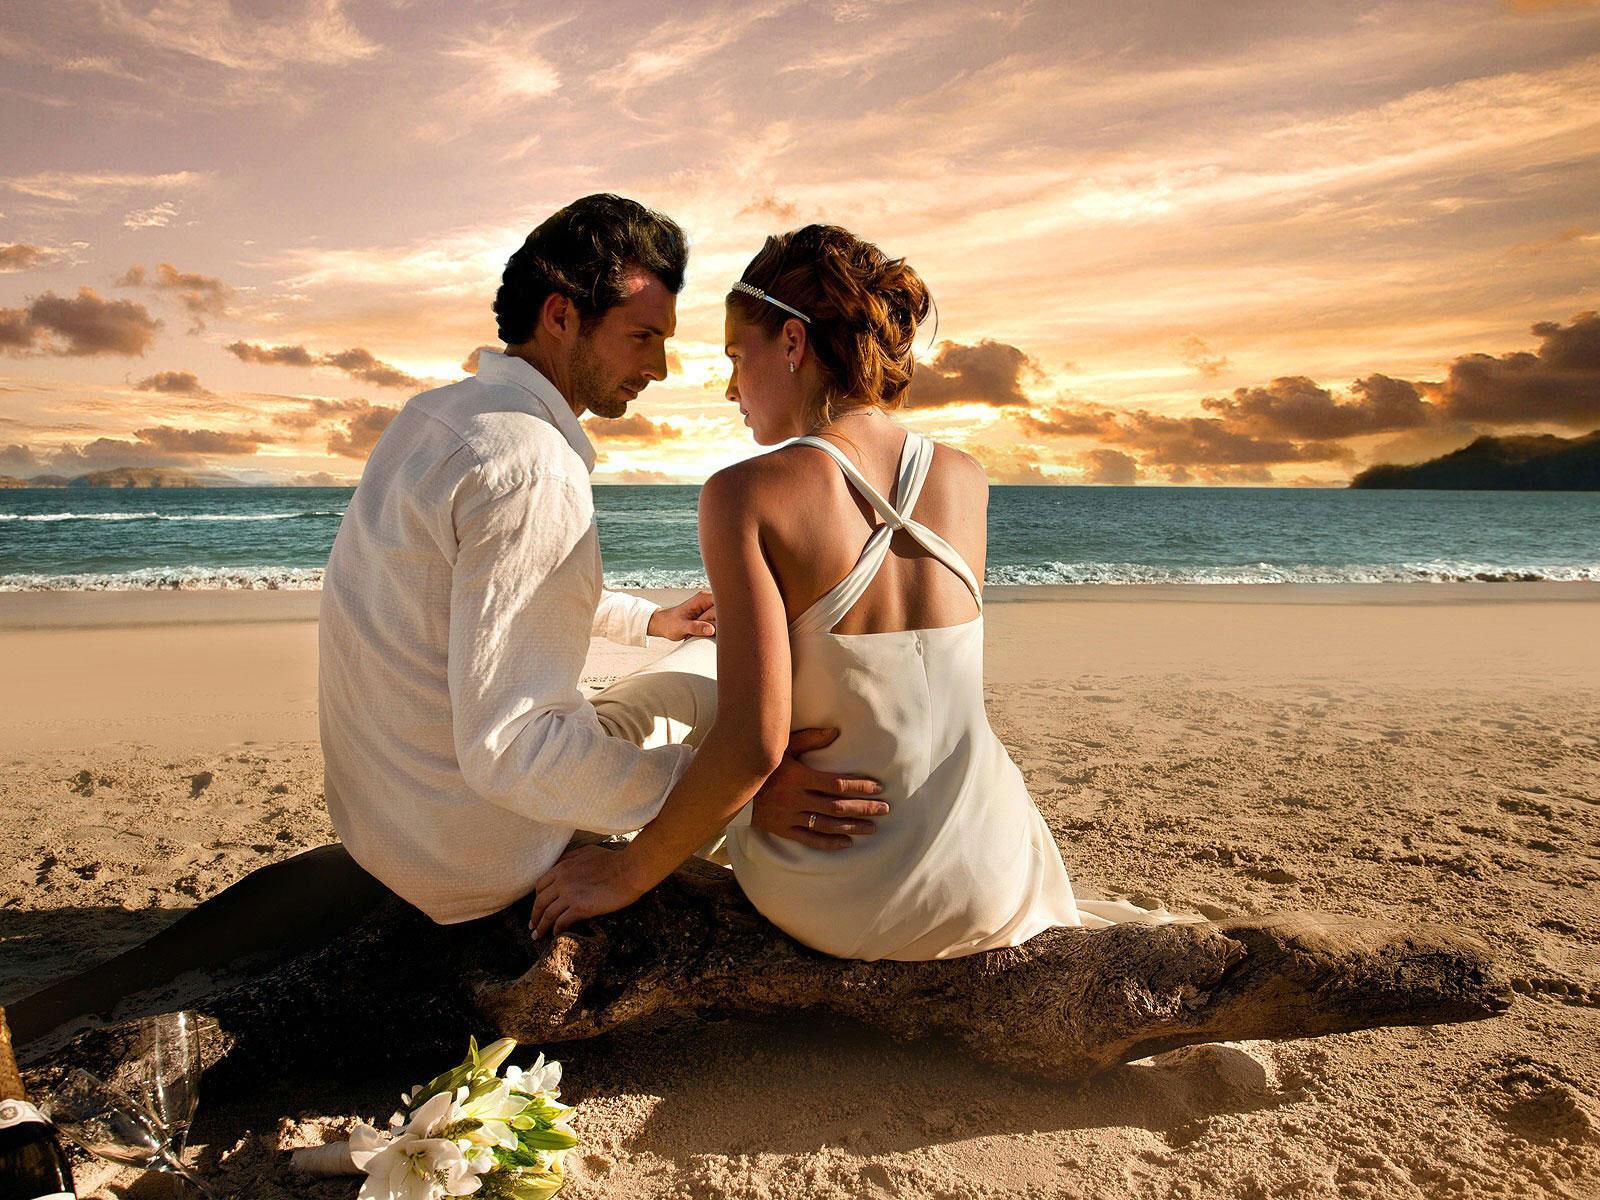 بالصور صور حب من غير كلام , بوستات حب ورومانسية بدون كلمات 4886